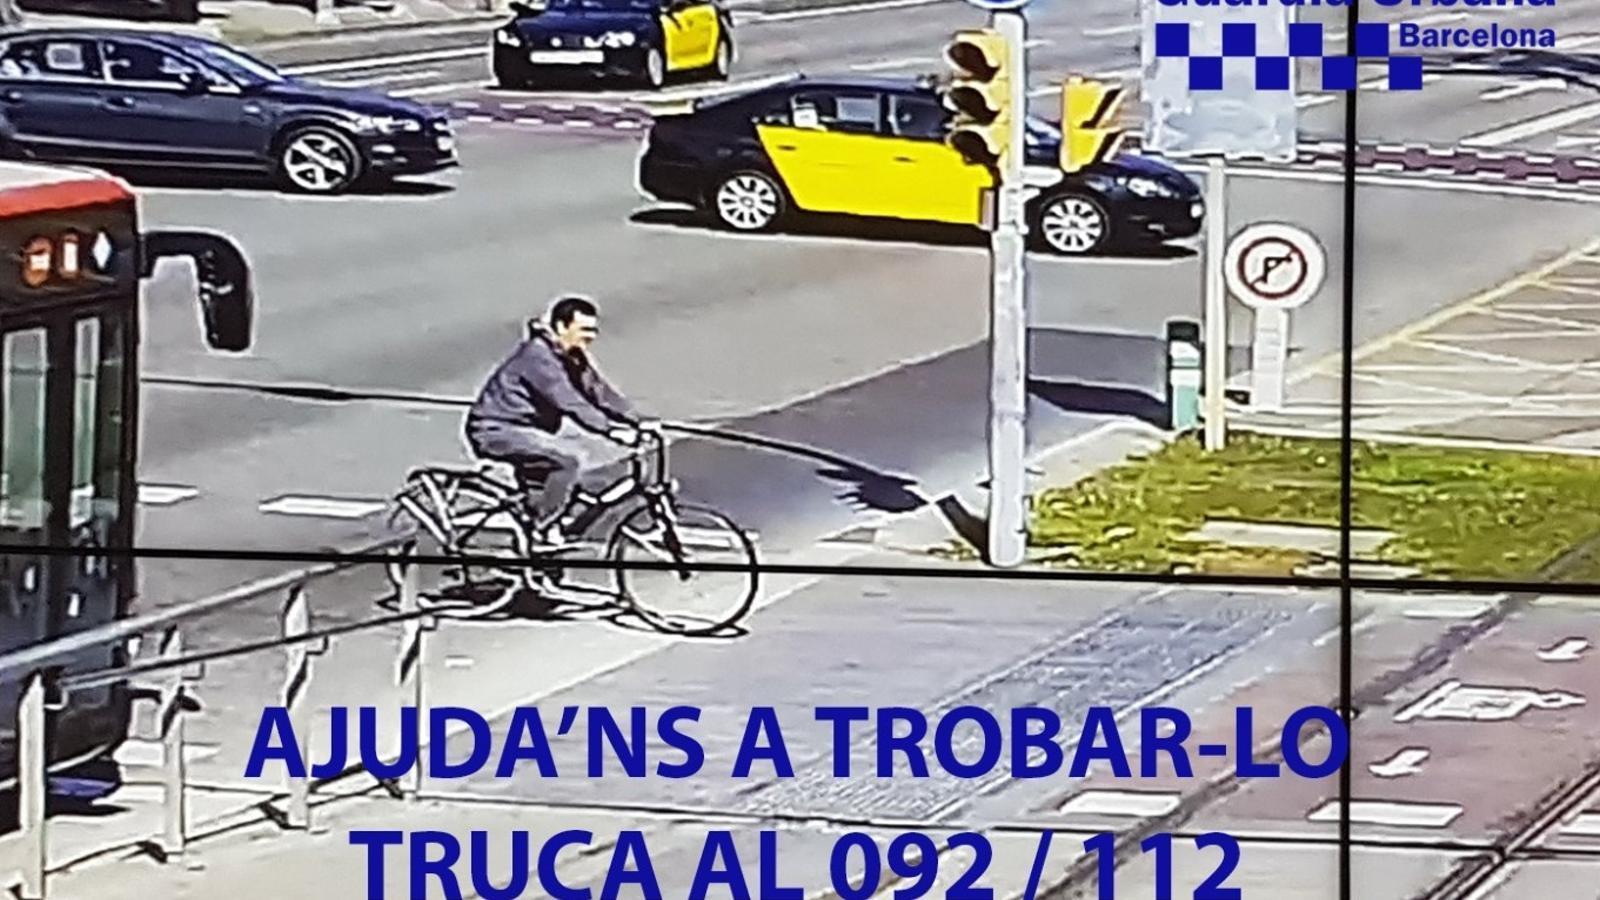 Difonen una altra fotografia del ciclista que va atropellar un nen i un adult a la Diagonal